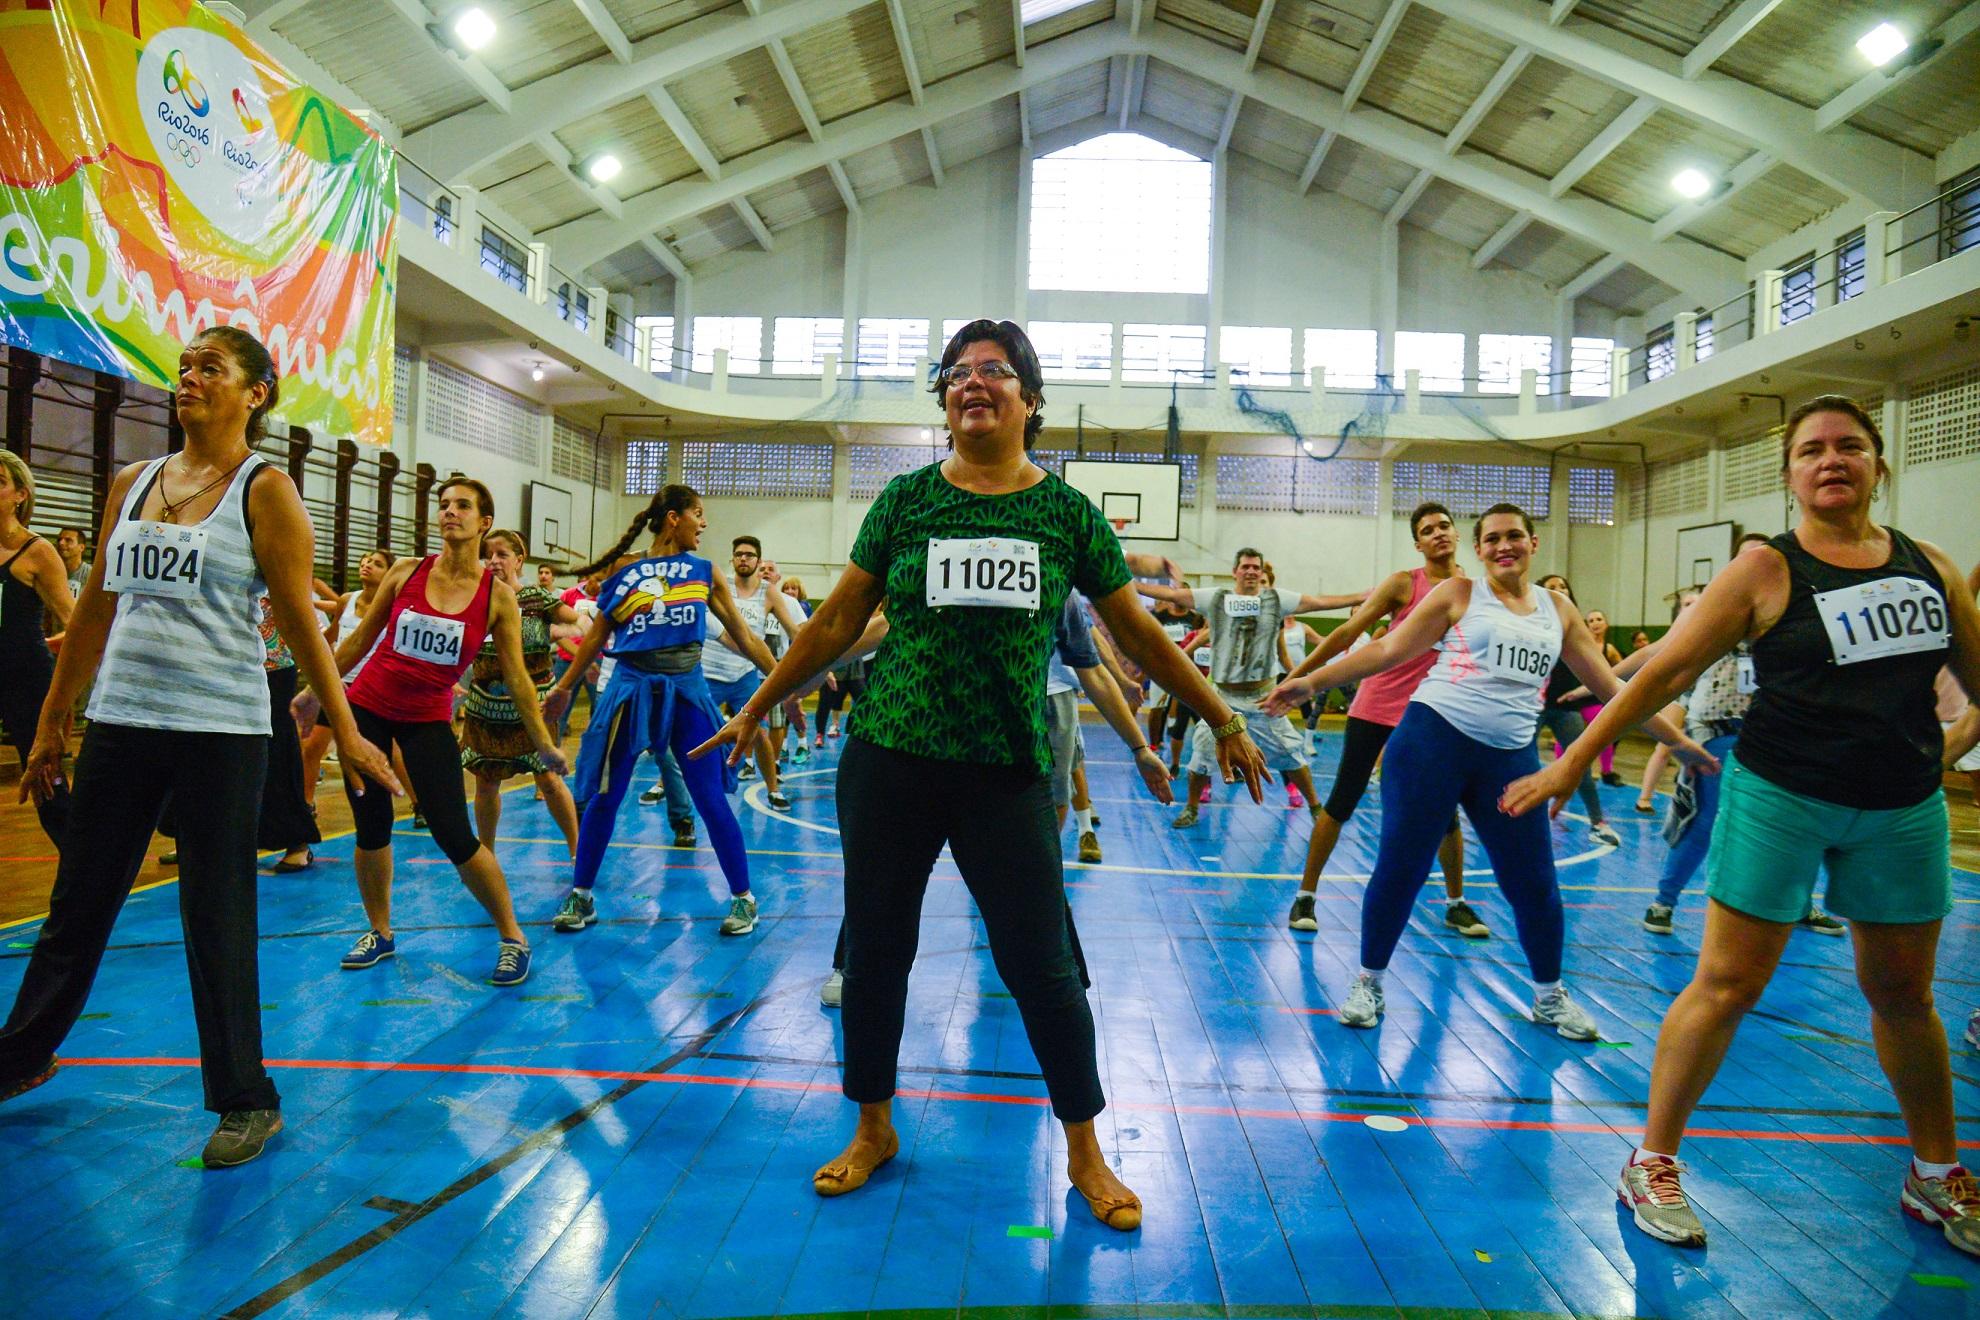 Voluntários ensaiam para a cerimônia de abertura dos Jogos Olímpicos